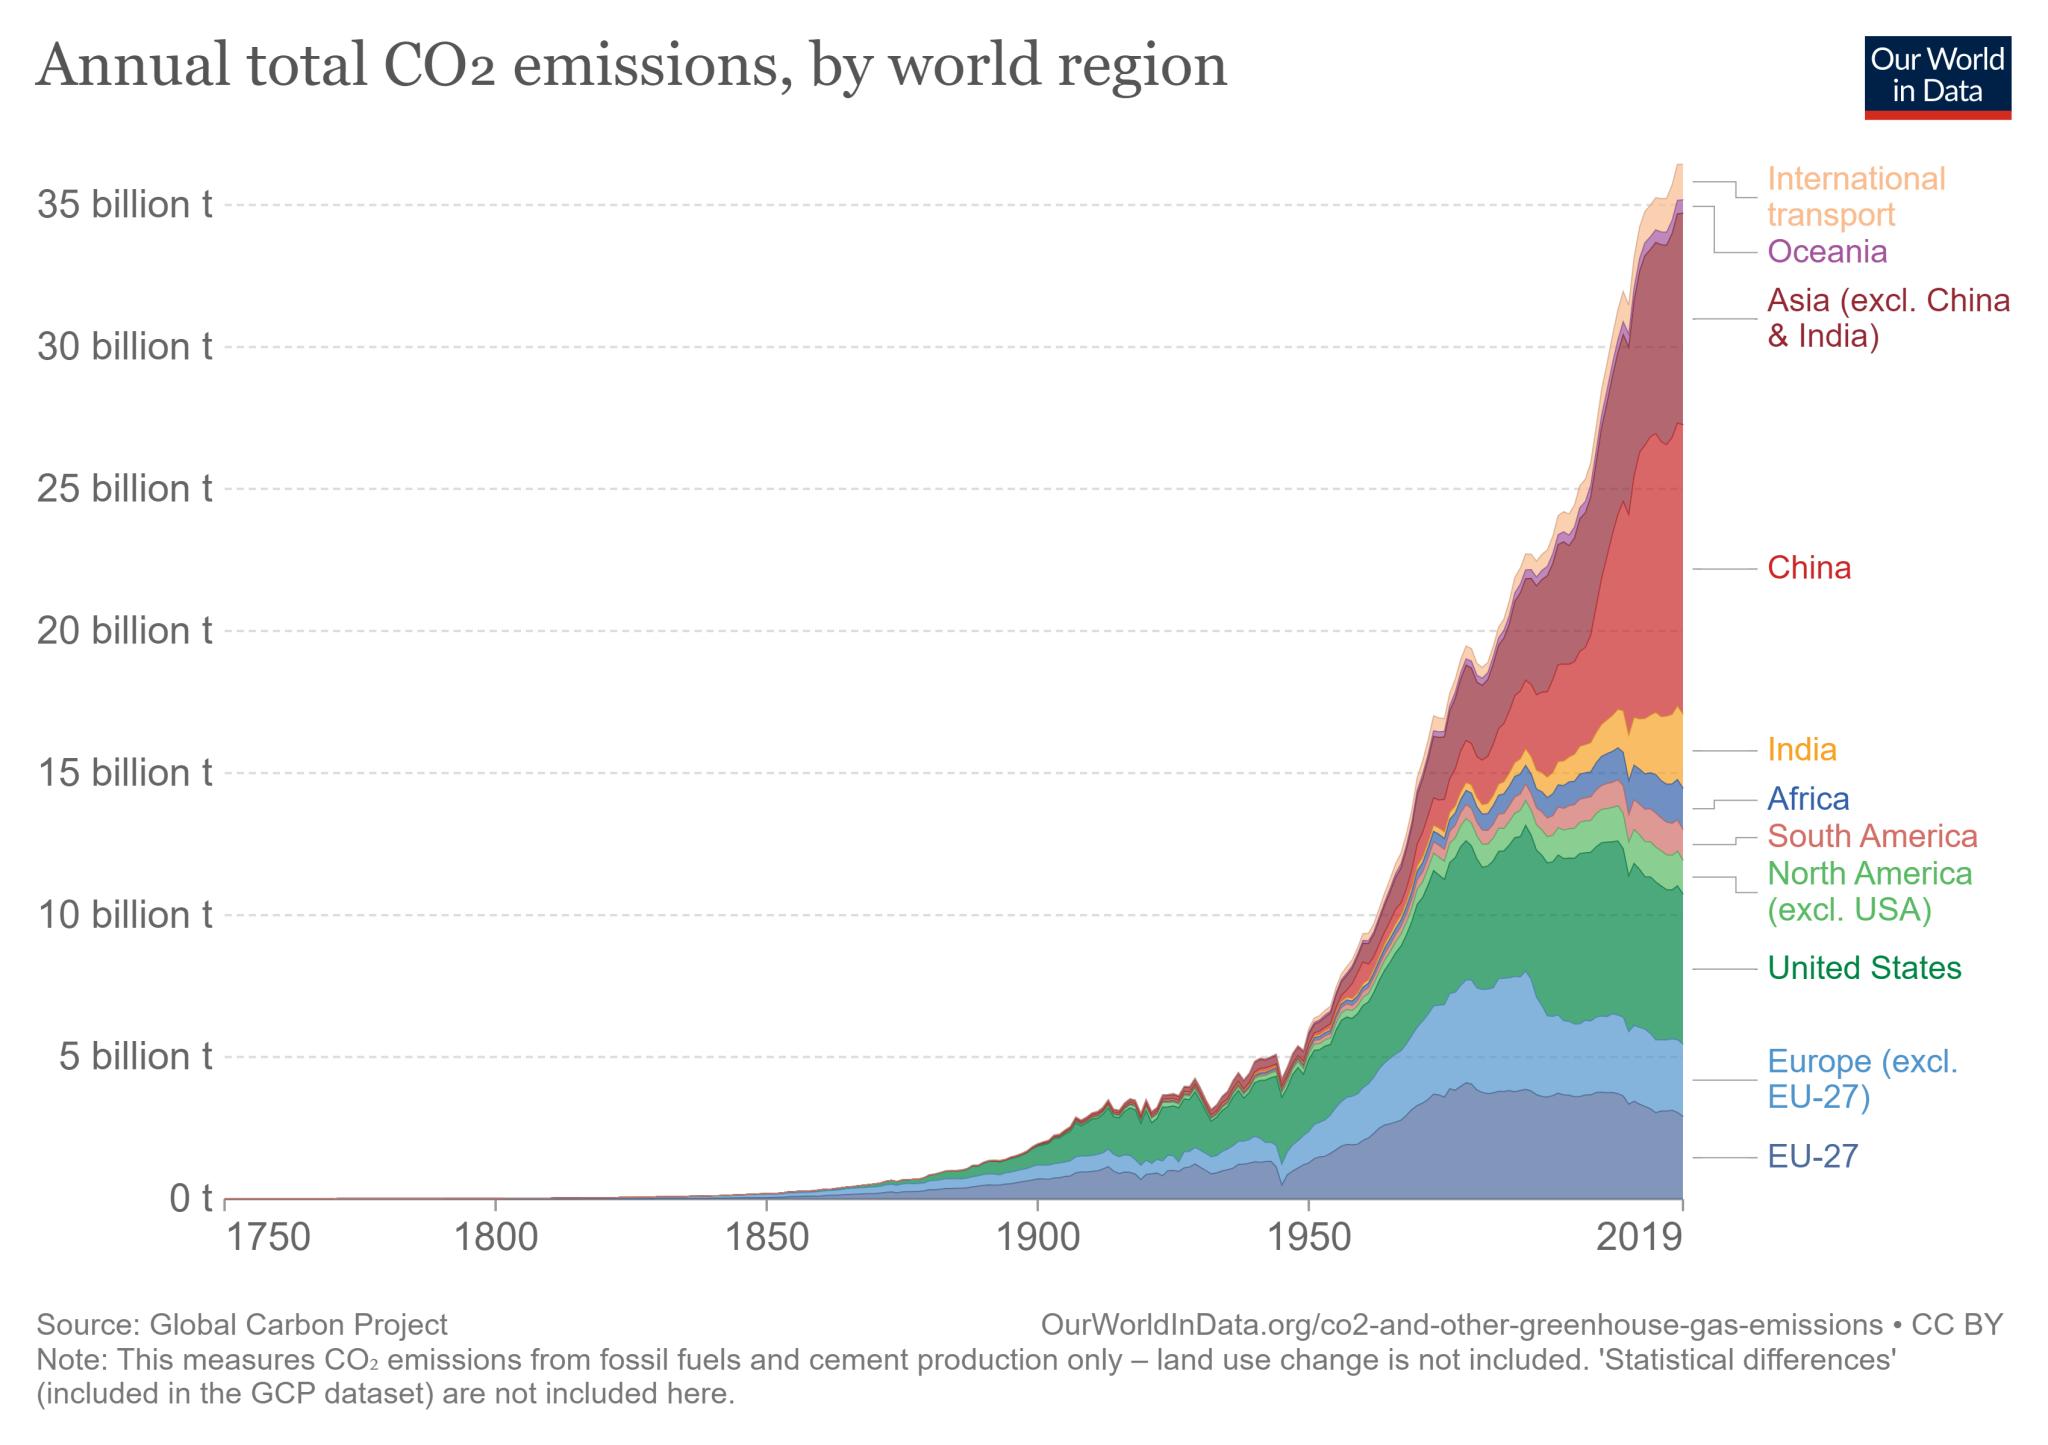 Całkowite roczne emisje CO2 według regionów świata